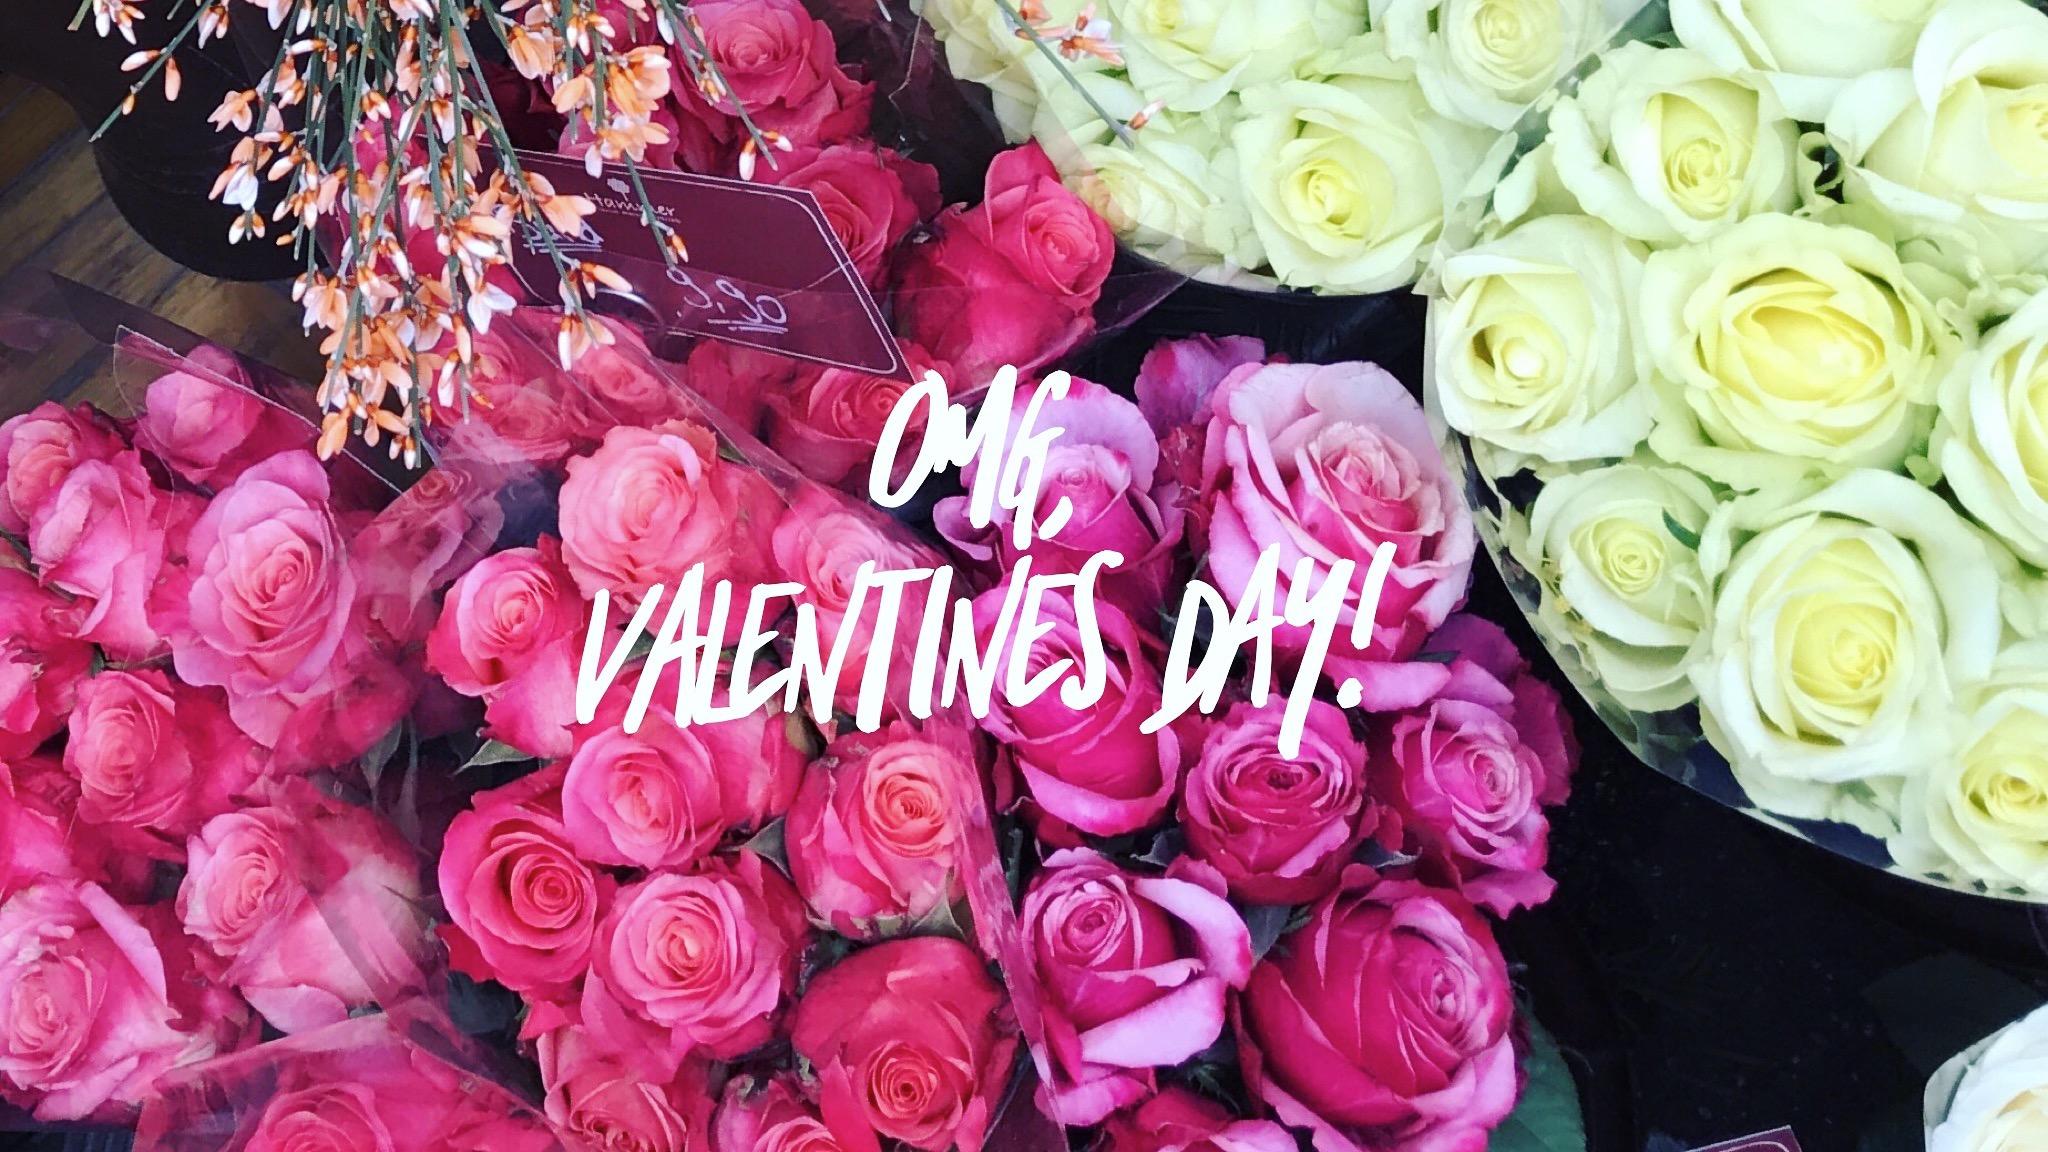 @feschaks's cover photo for 'Happy Valentine's Day! 🌹 #OMG | @feschaks'